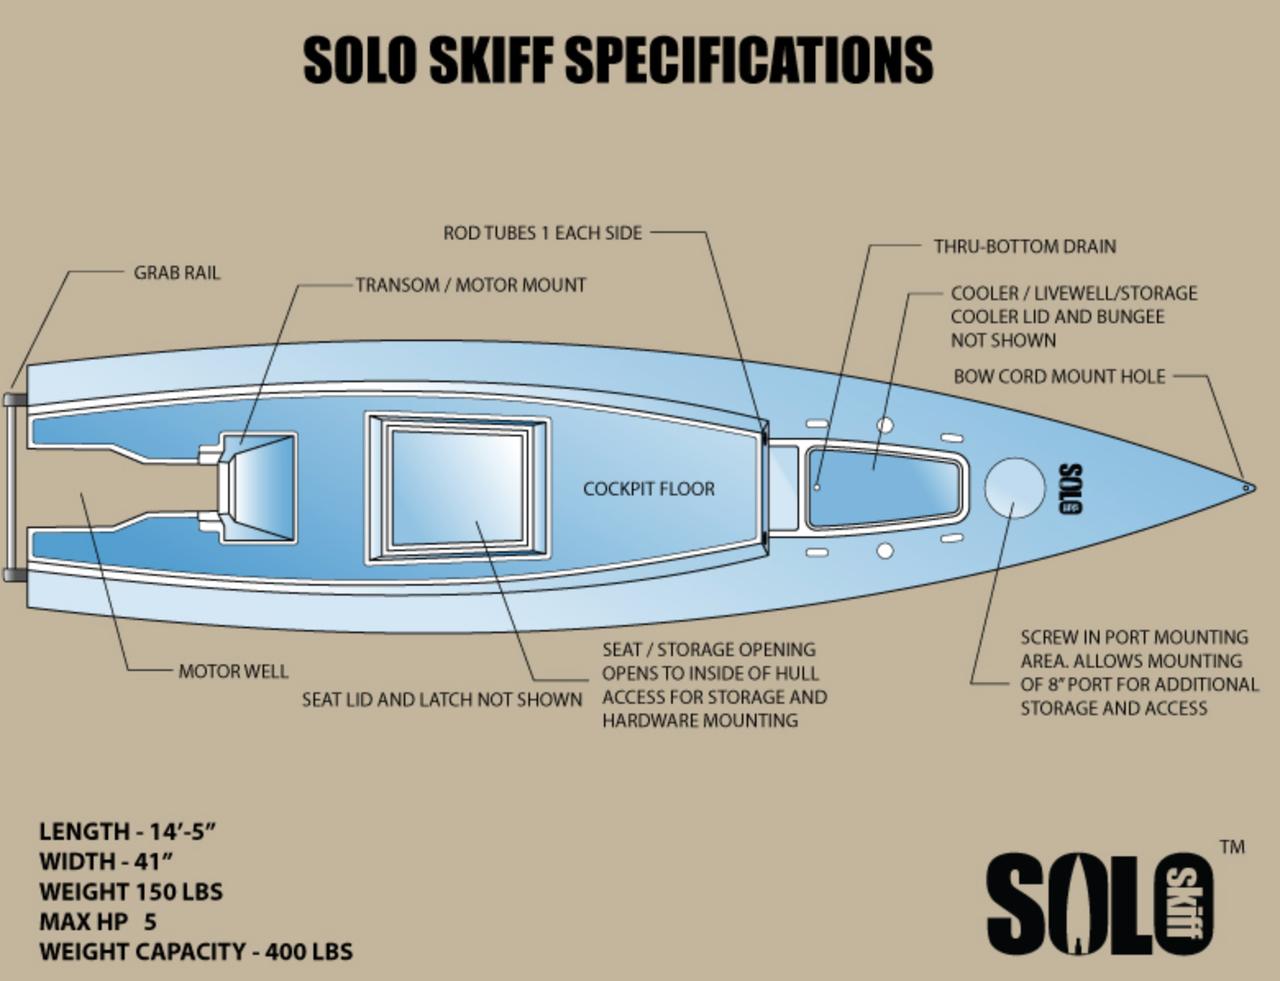 Solo Skiff